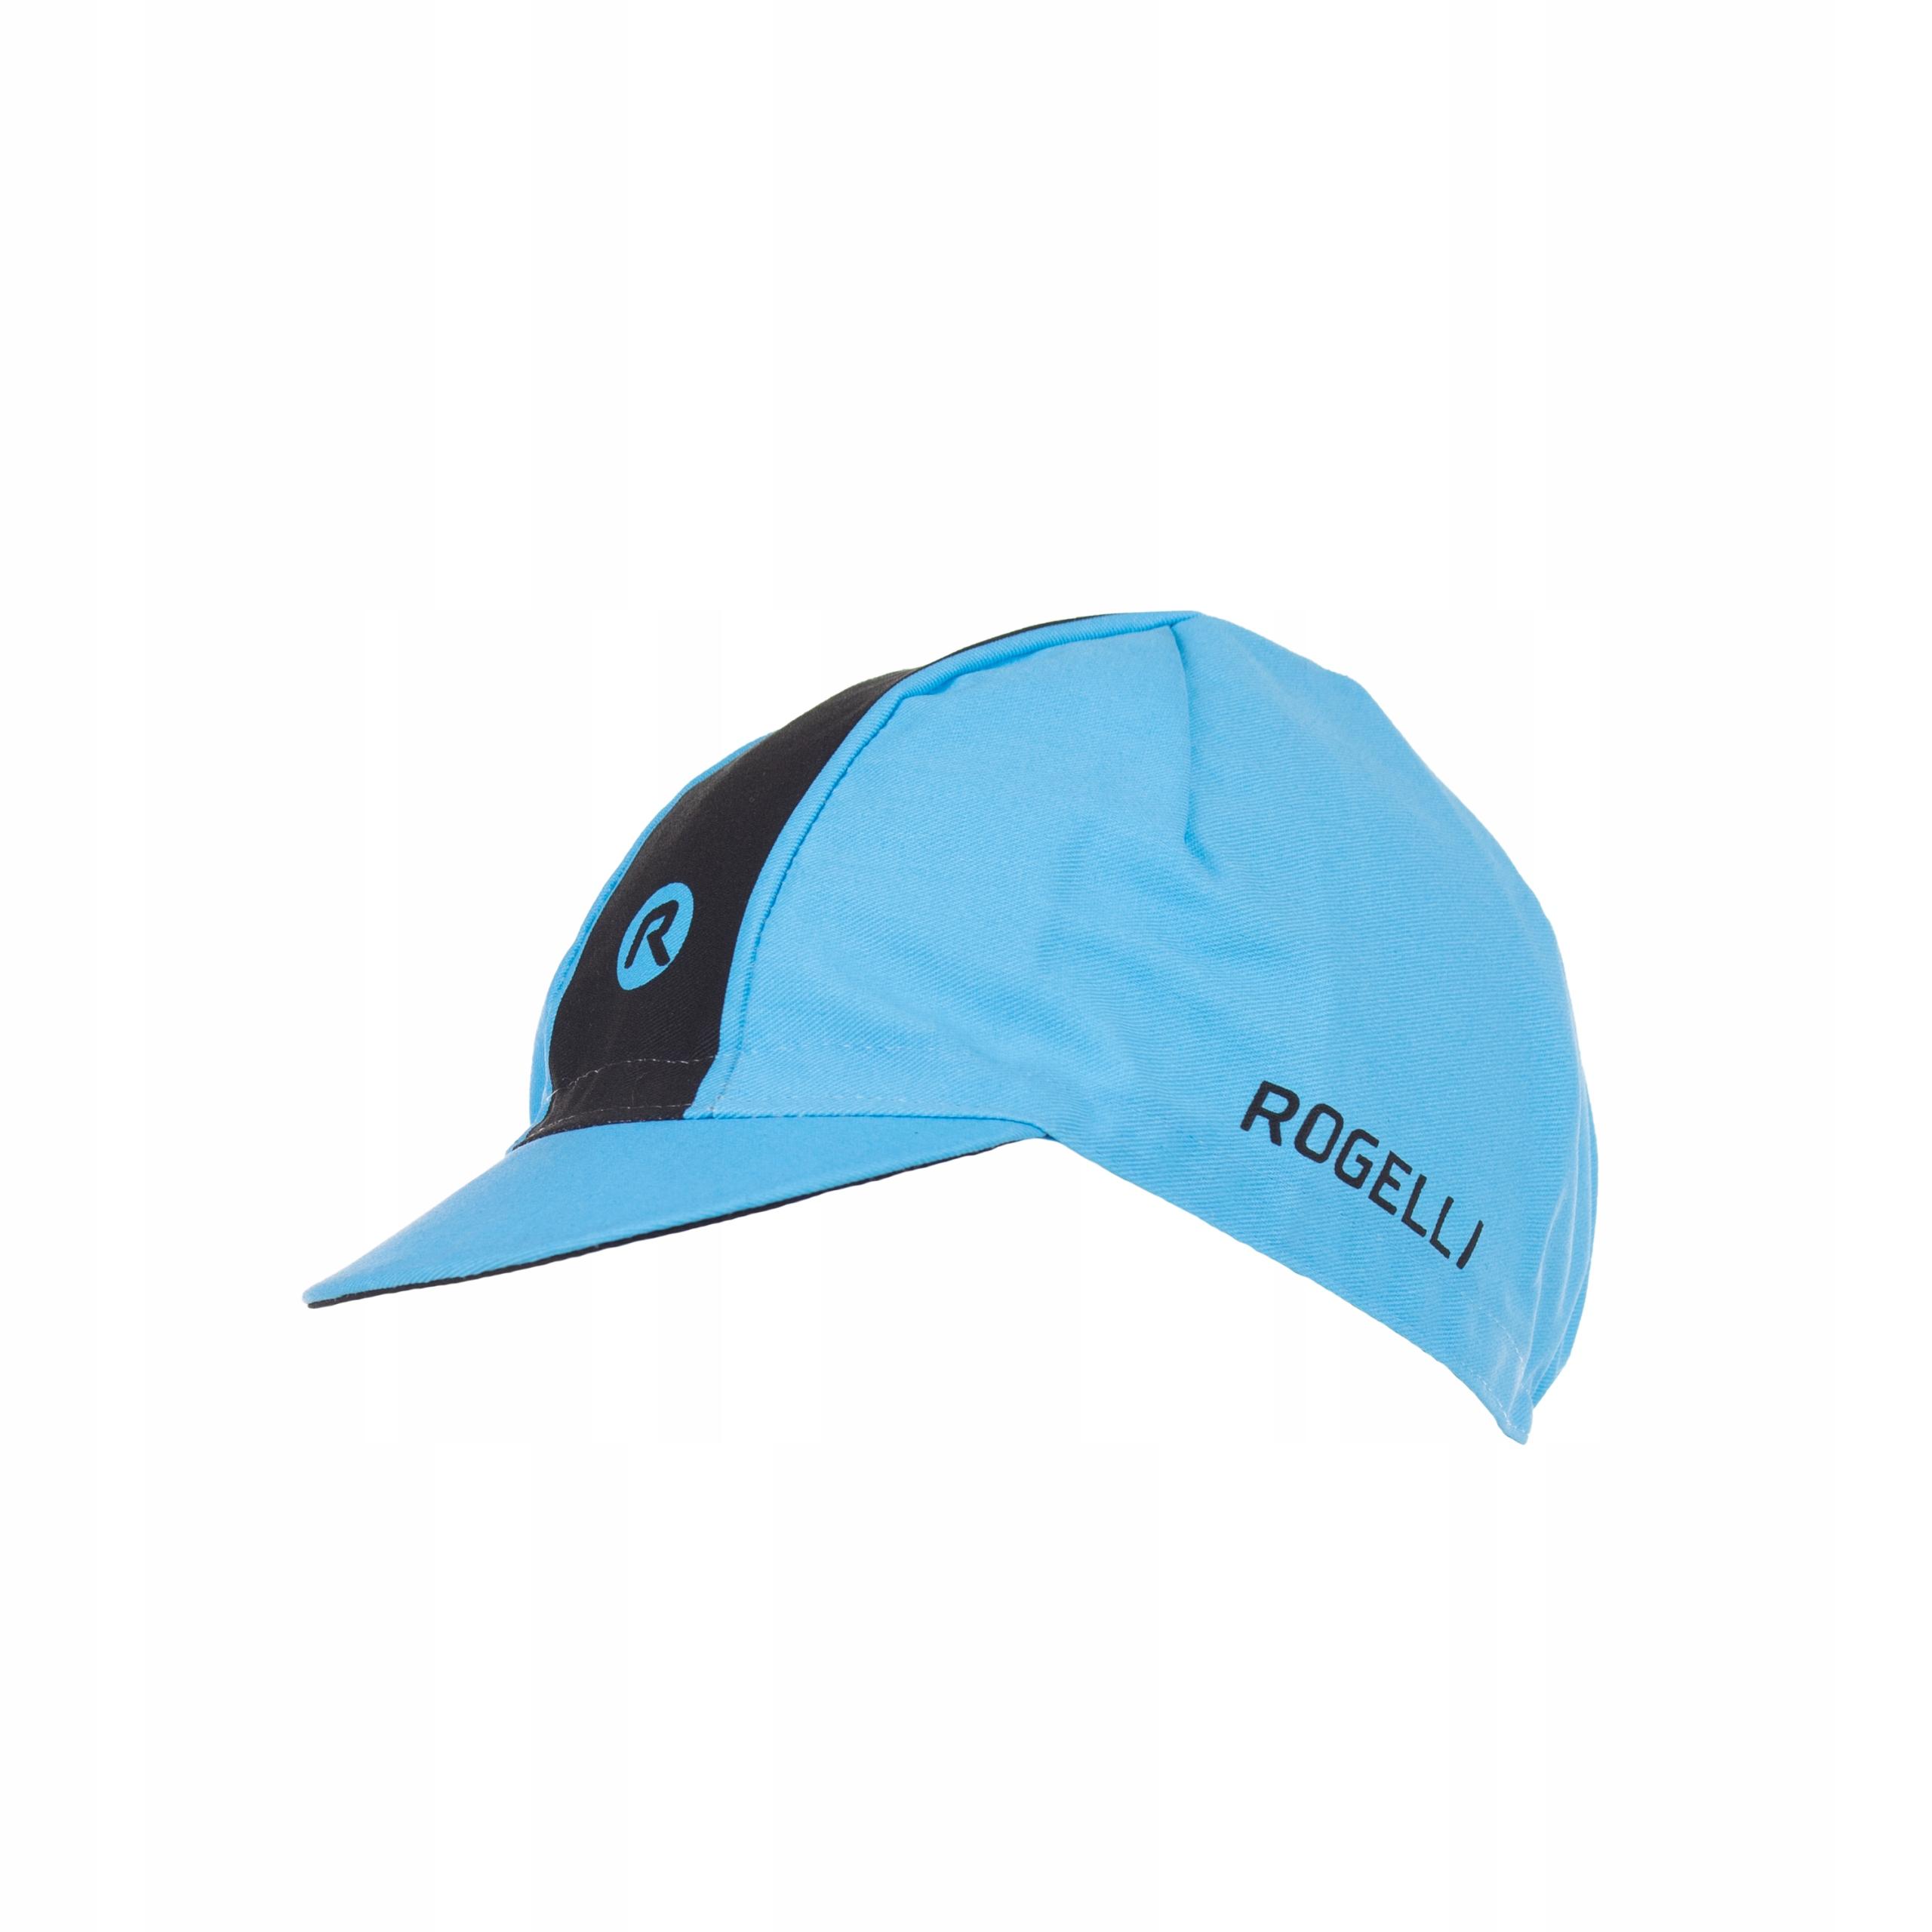 Retro cyklistická čiapka Rogelli pod prilbou